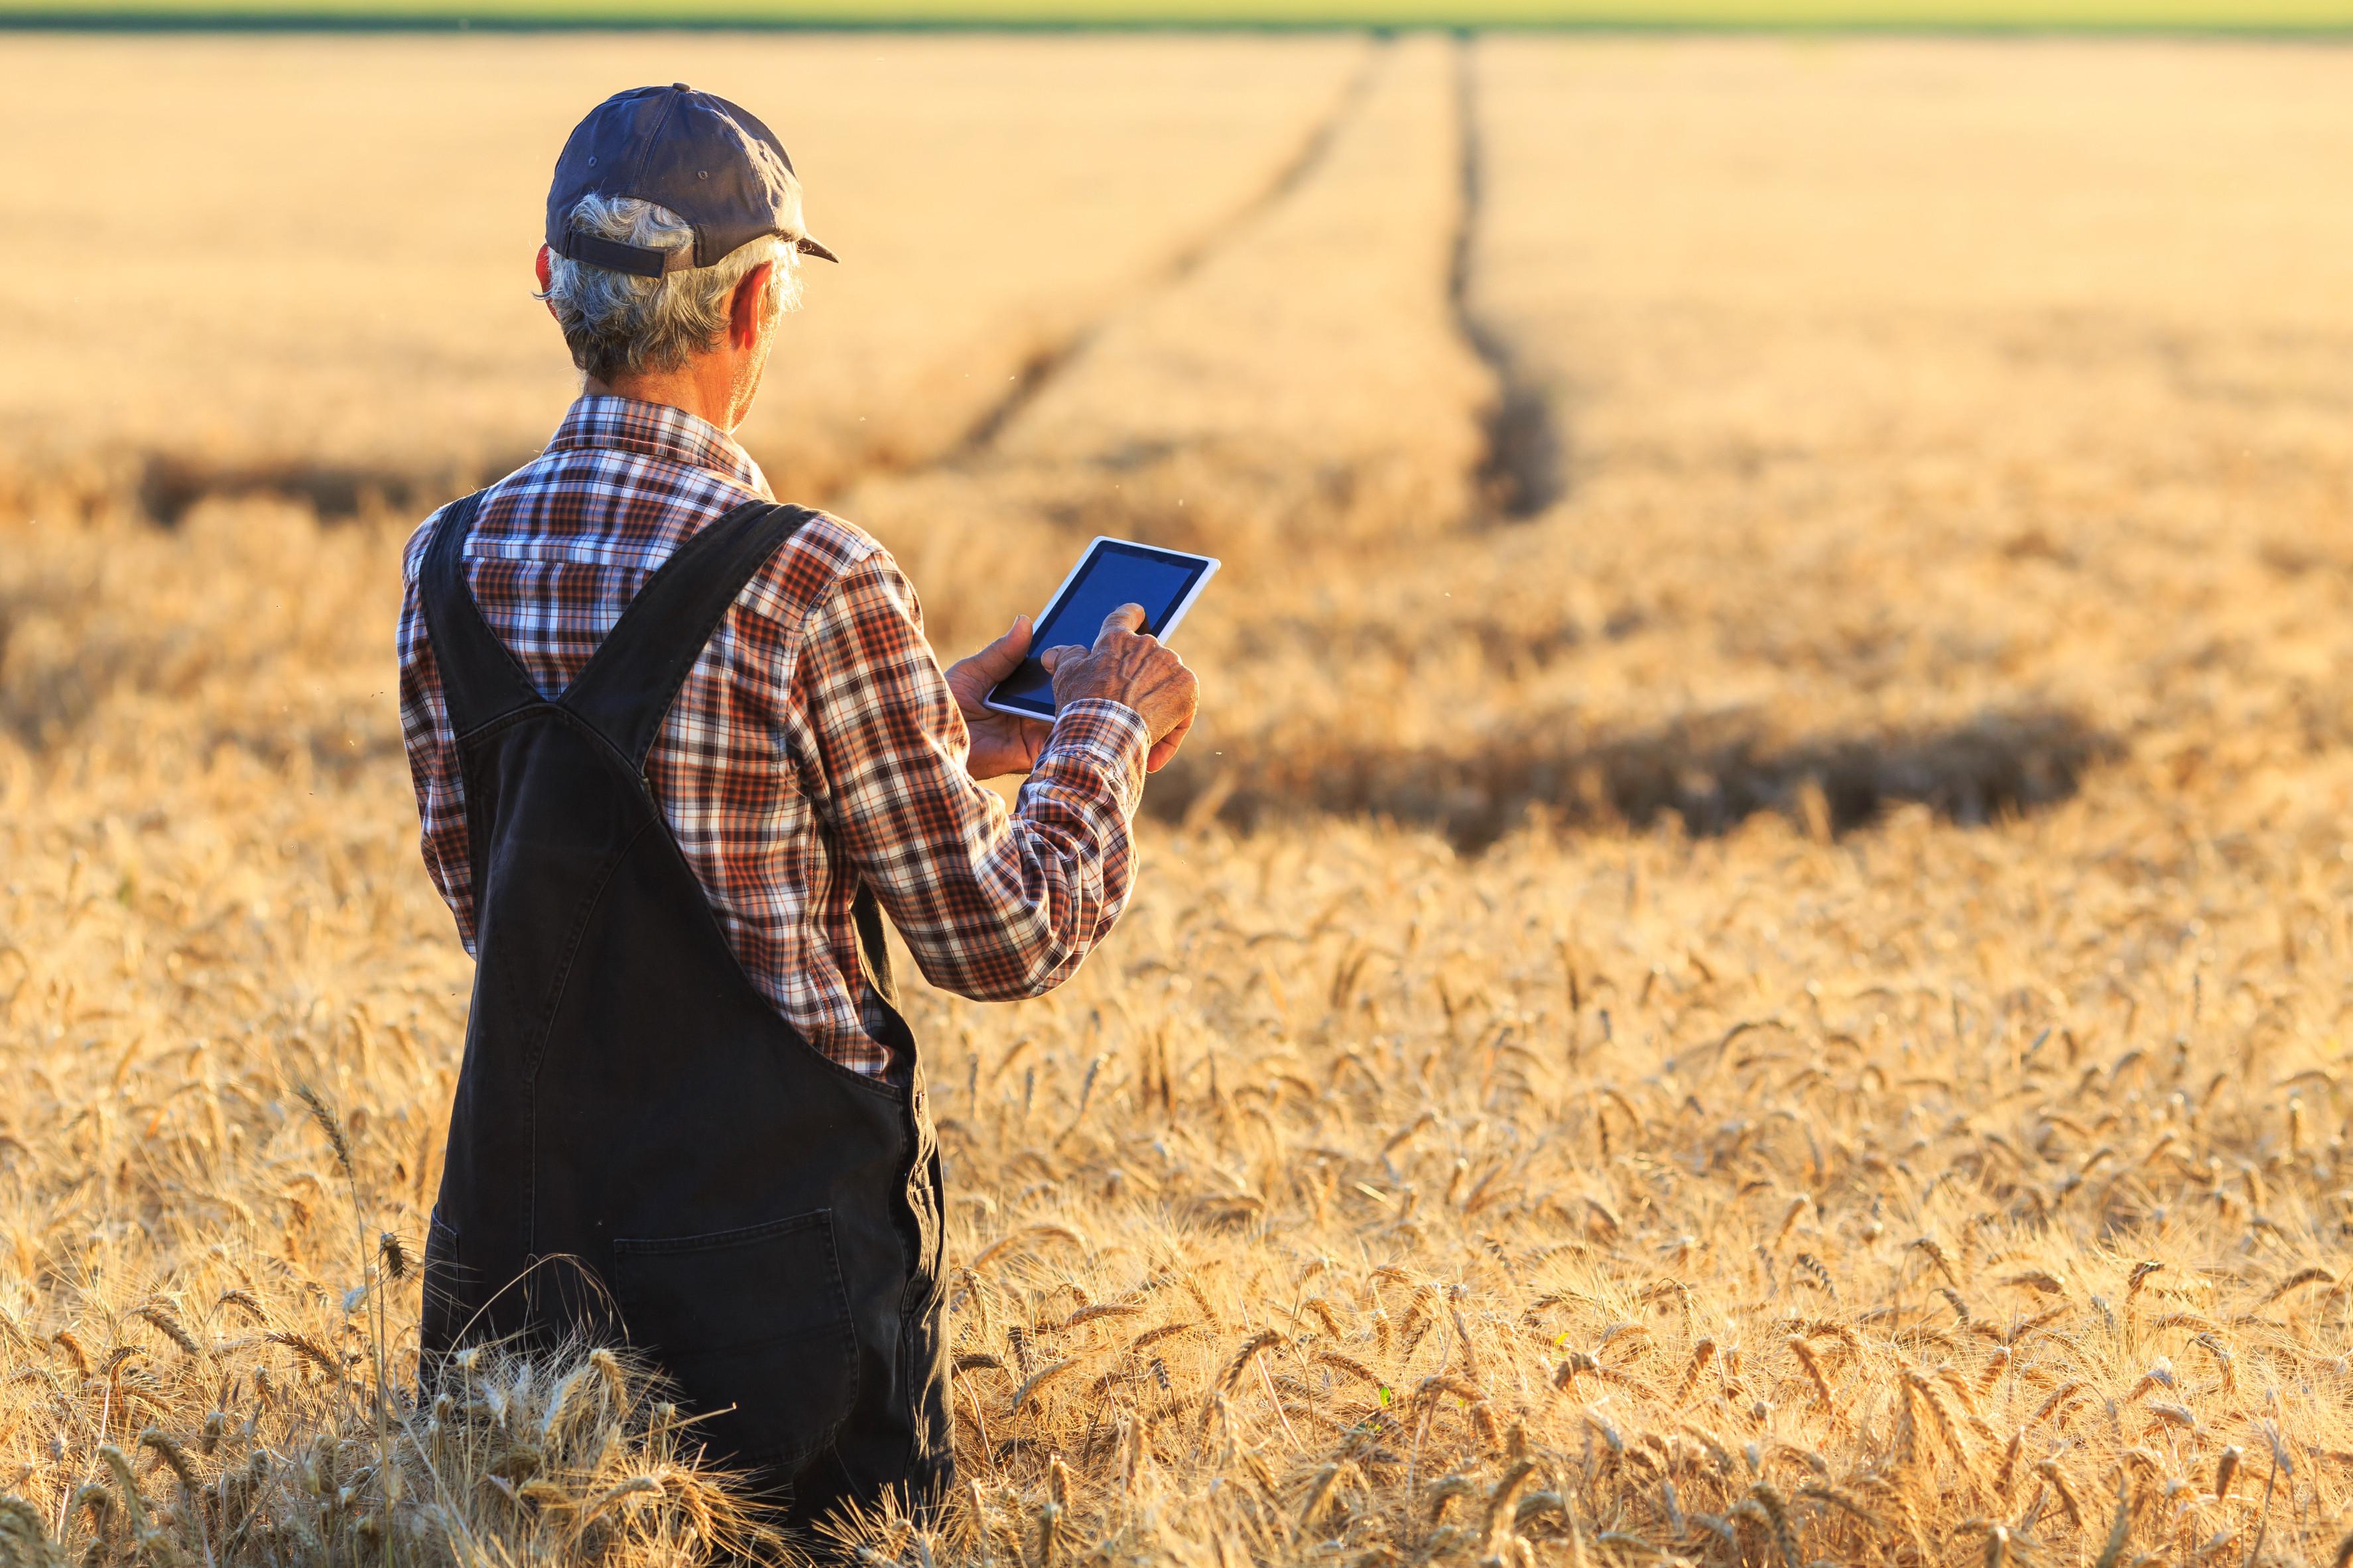 Spektroskopie für Smart-Farming